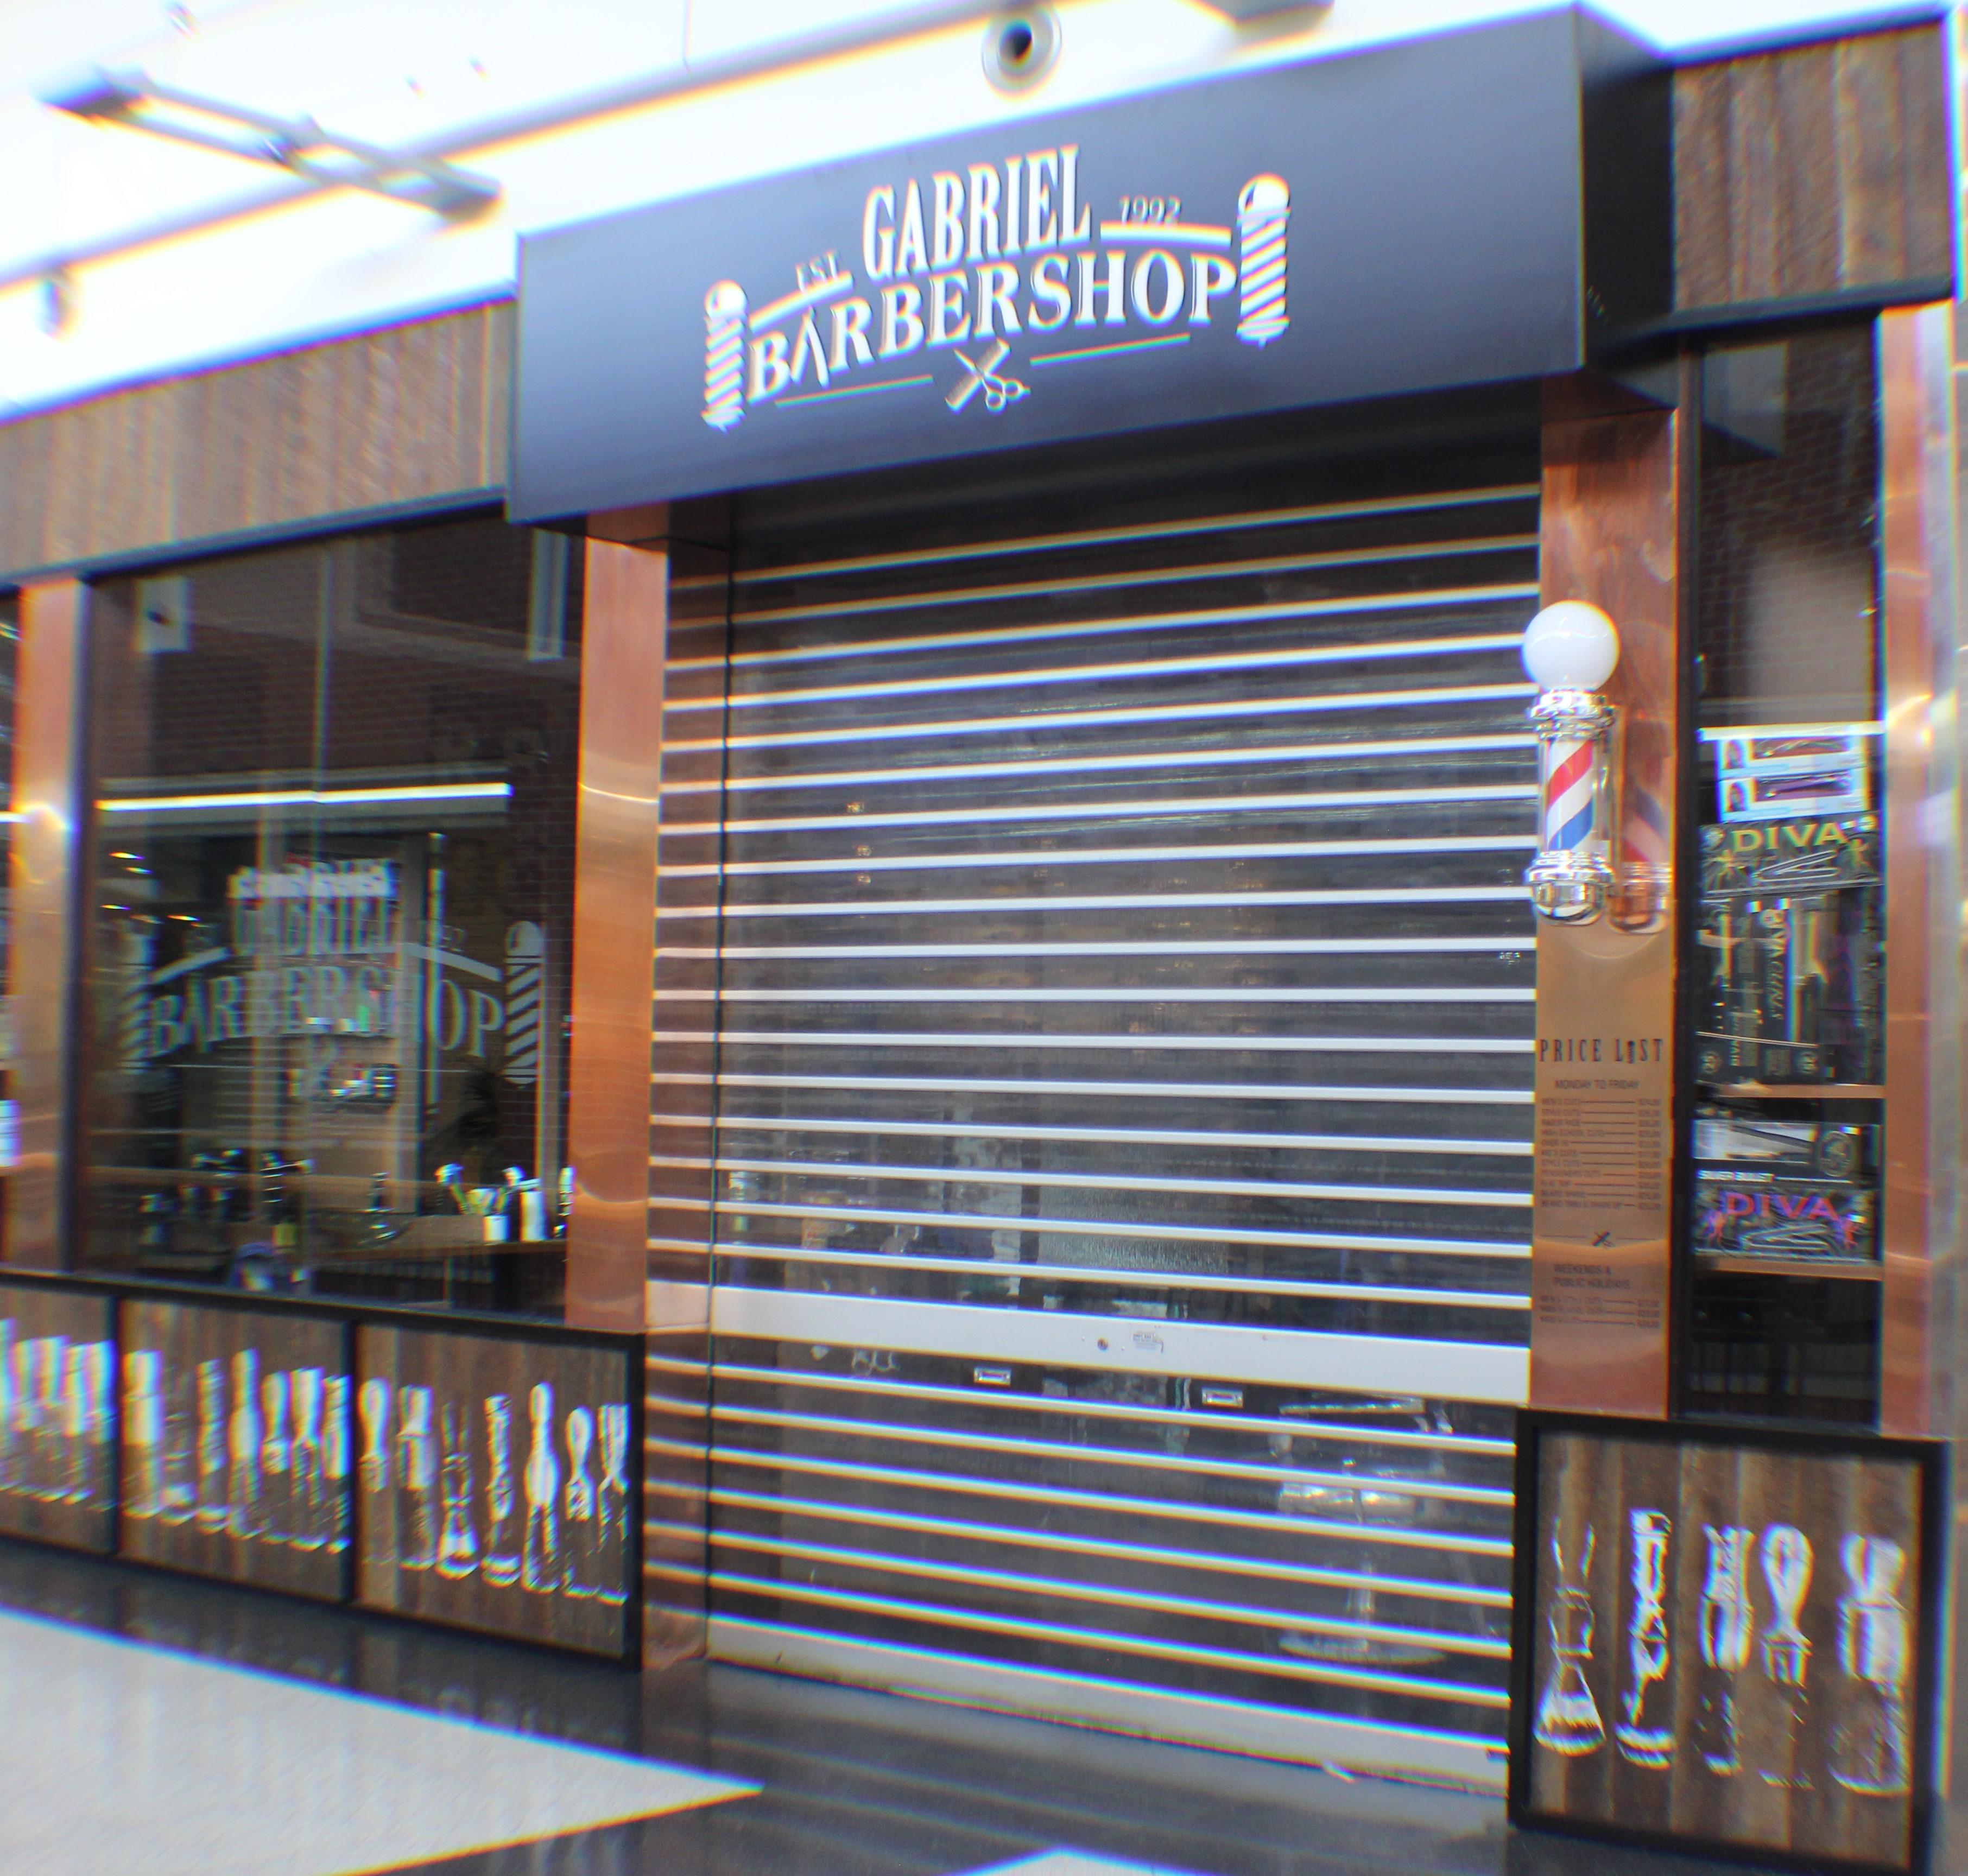 Gabriel Barbershop Westfield Penrith  (3)